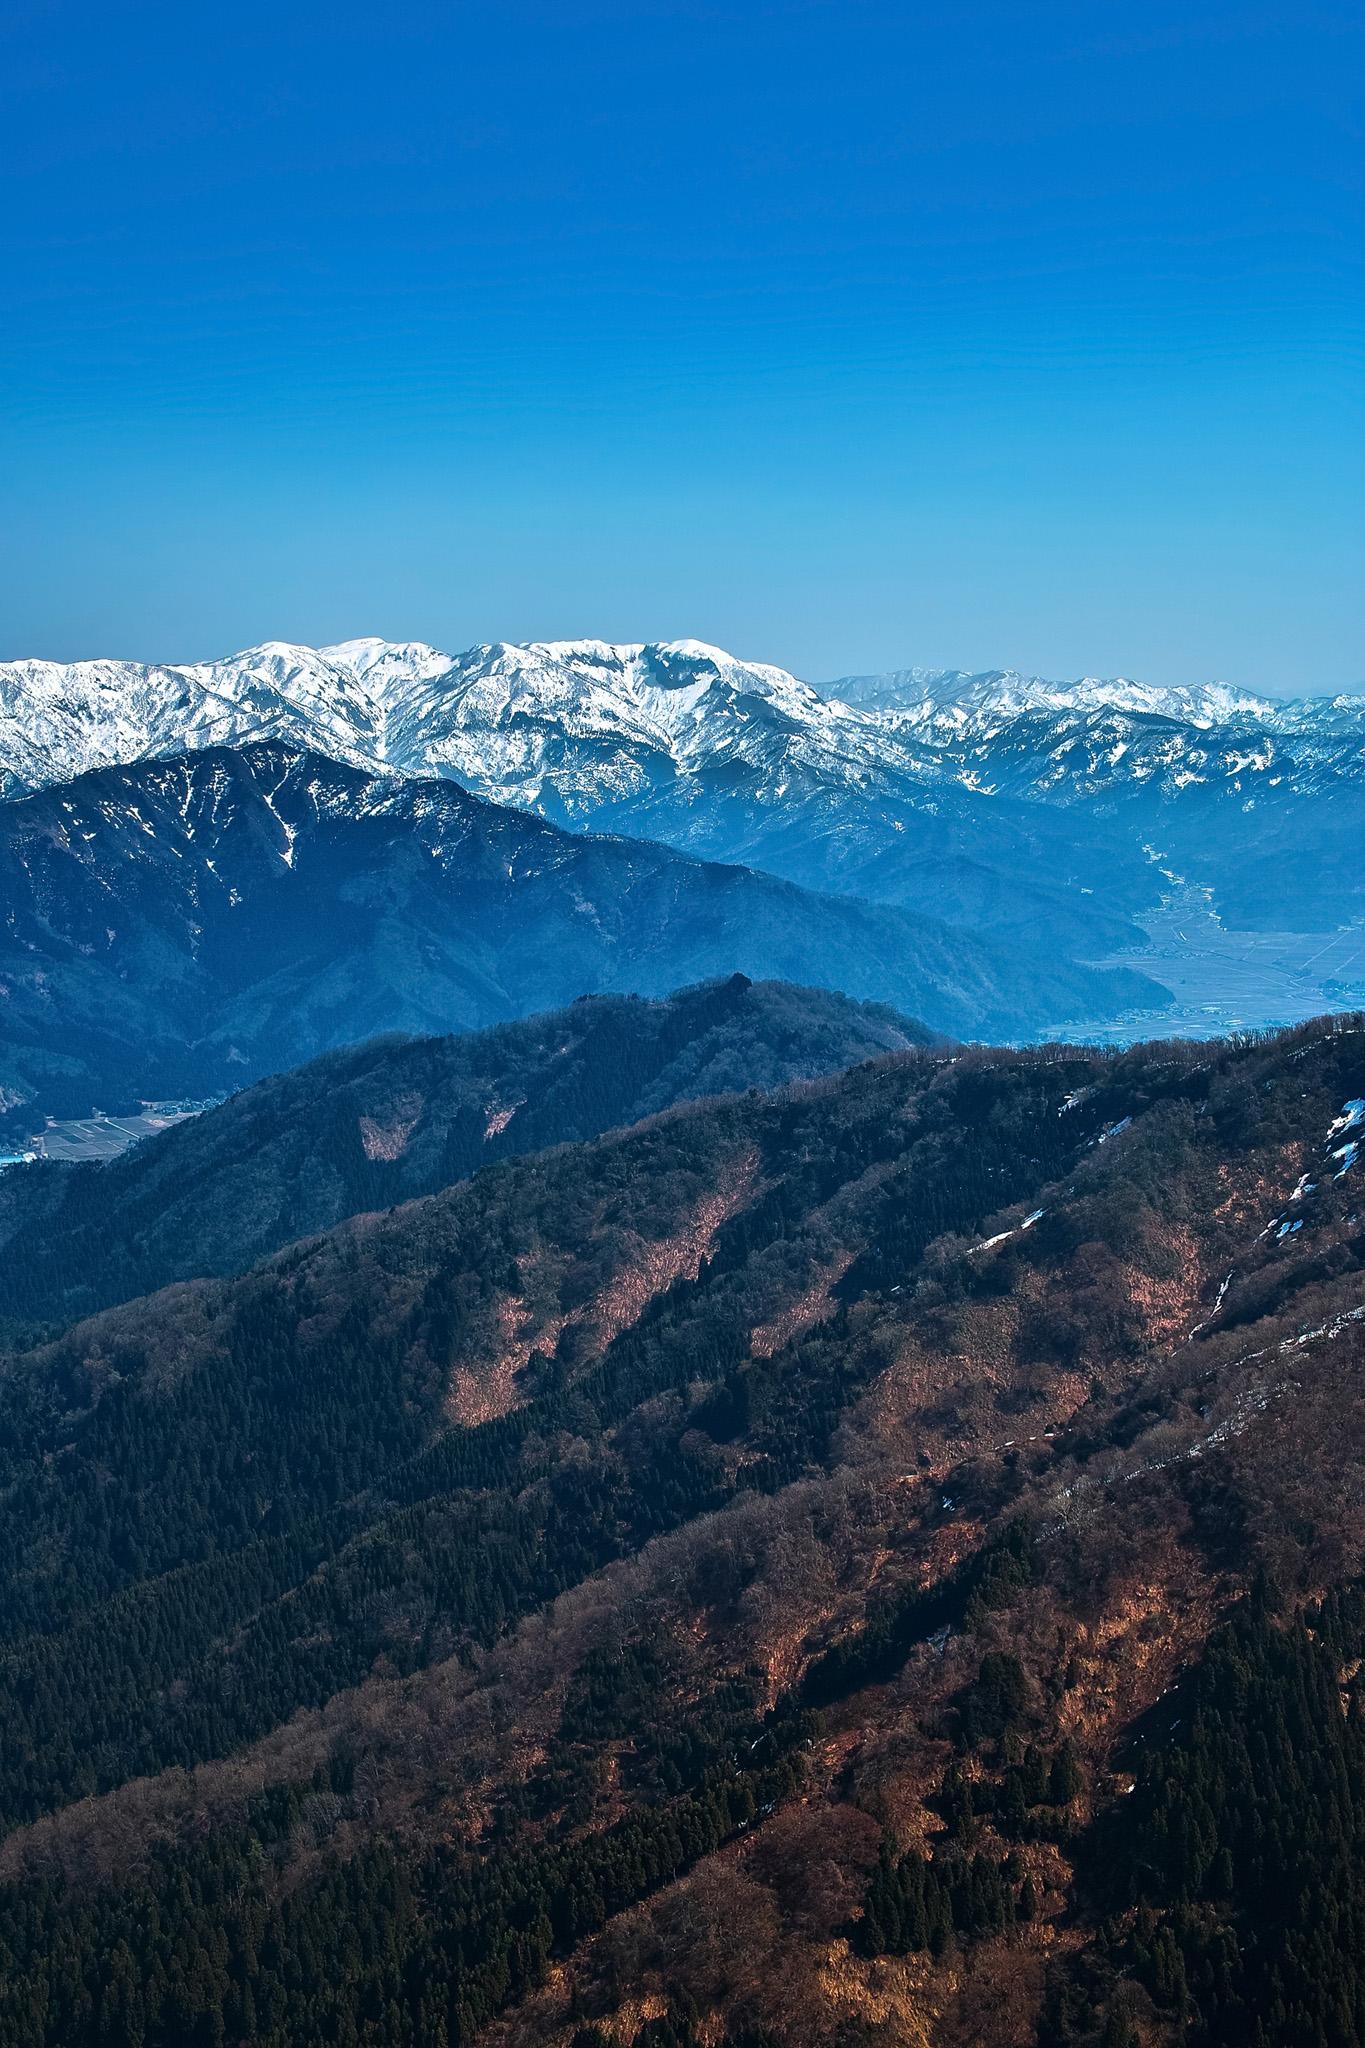 「雪解けした山と雪残る山脈」の画像を無料ダウンロード